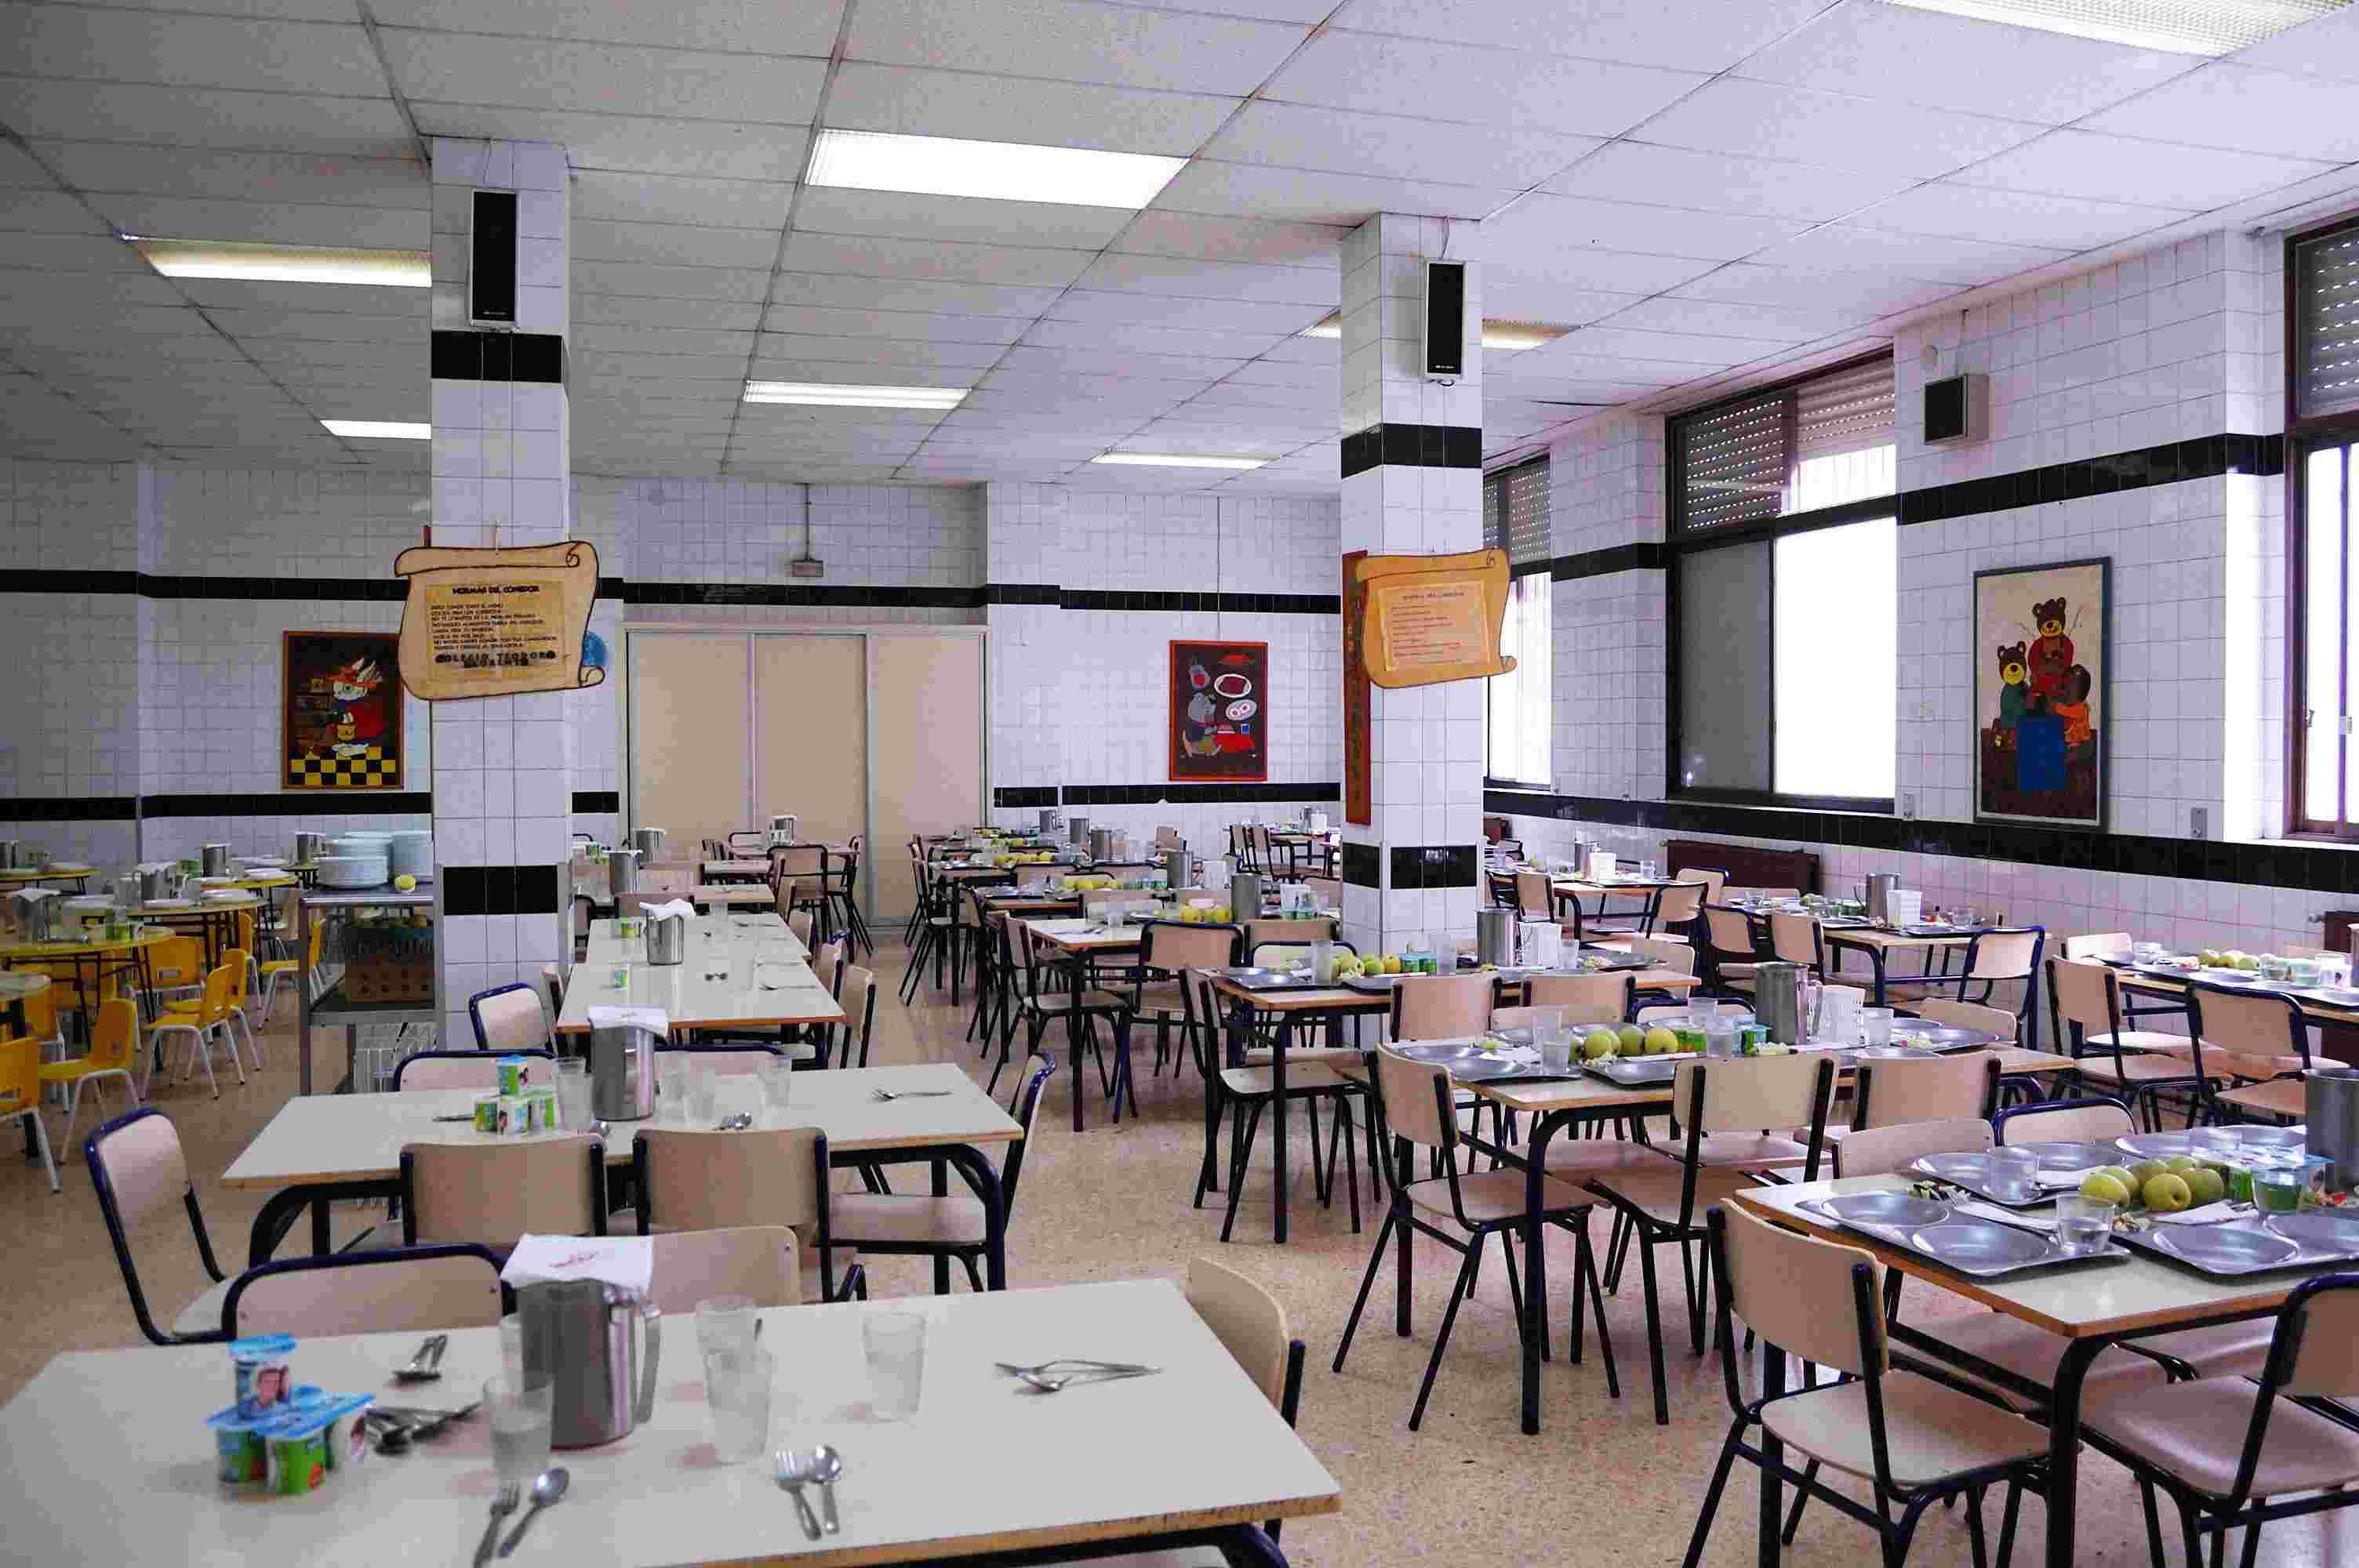 Empresas de comedores escolares recortan salarios con la for Empresas de cocinas